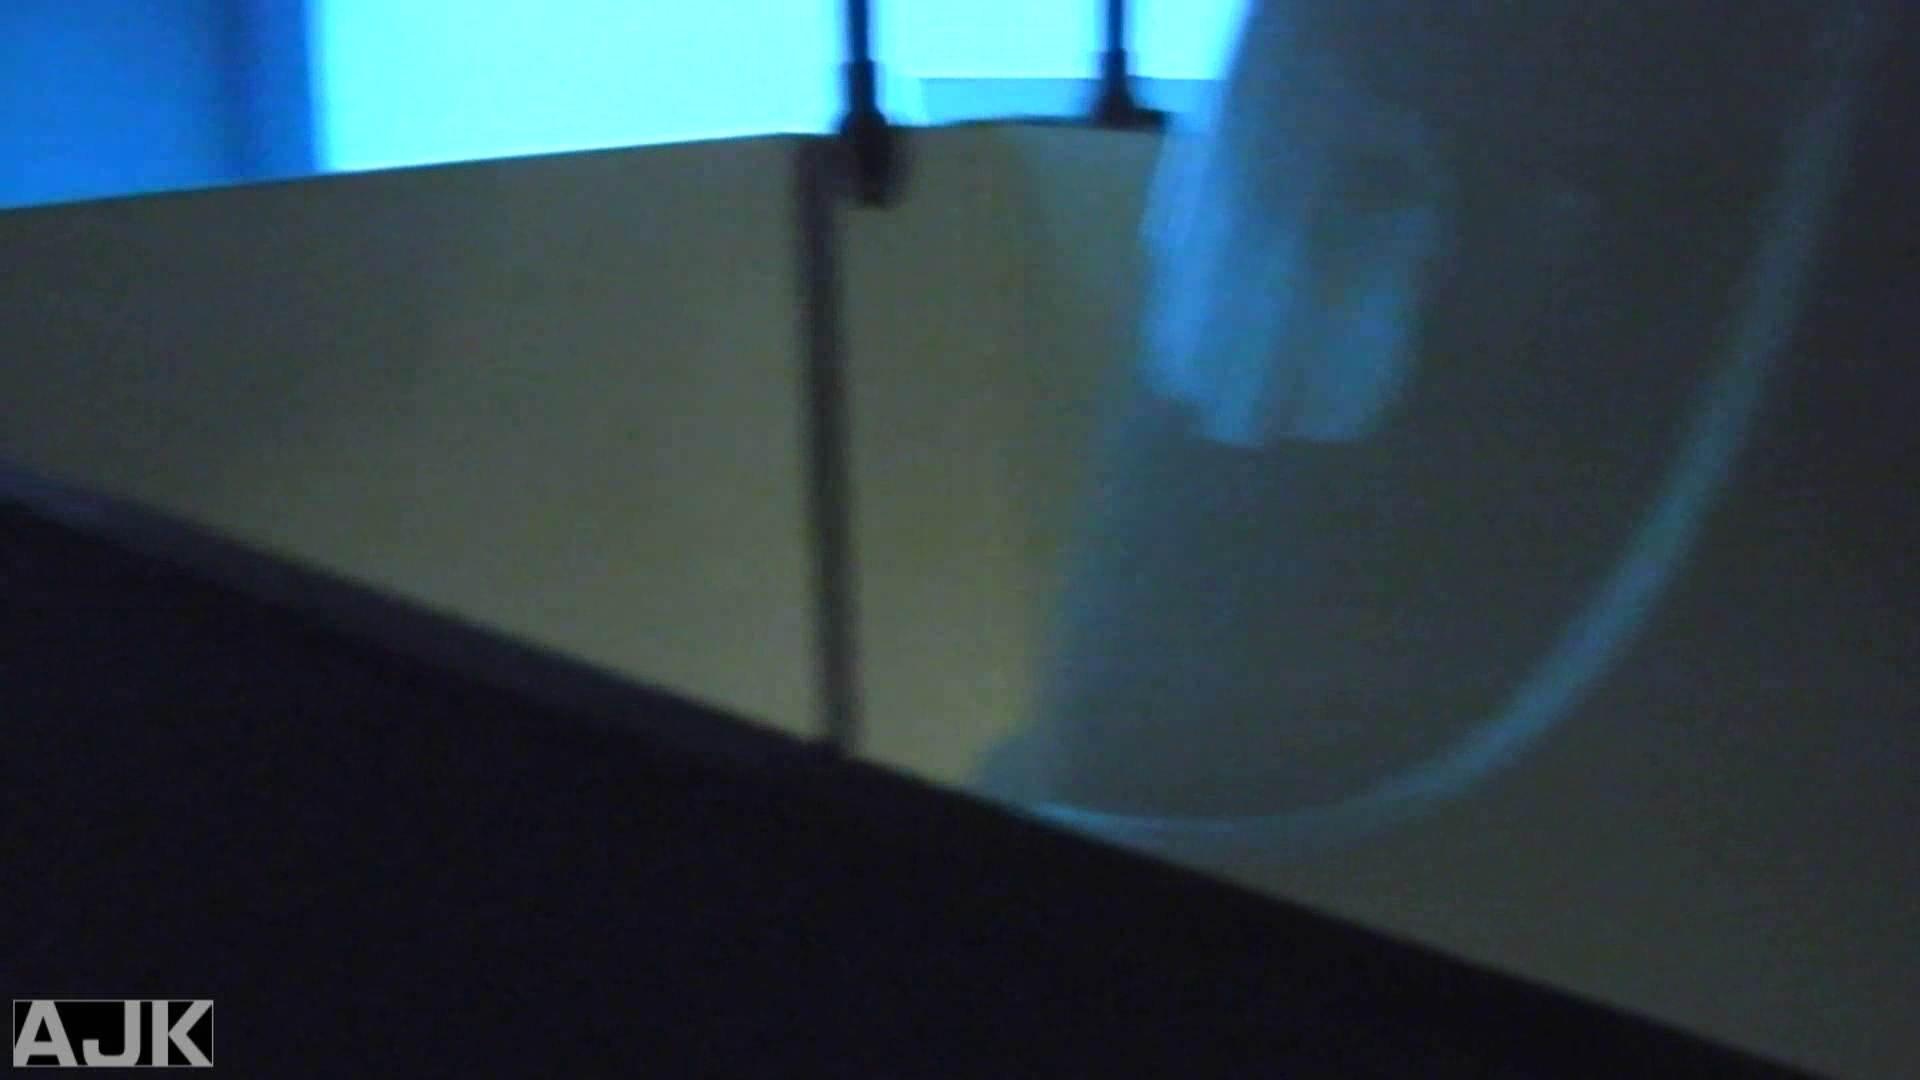 神降臨!史上最強の潜入かわや! vol.13 オマンコギャル   OLのエロ生活  91連発 43